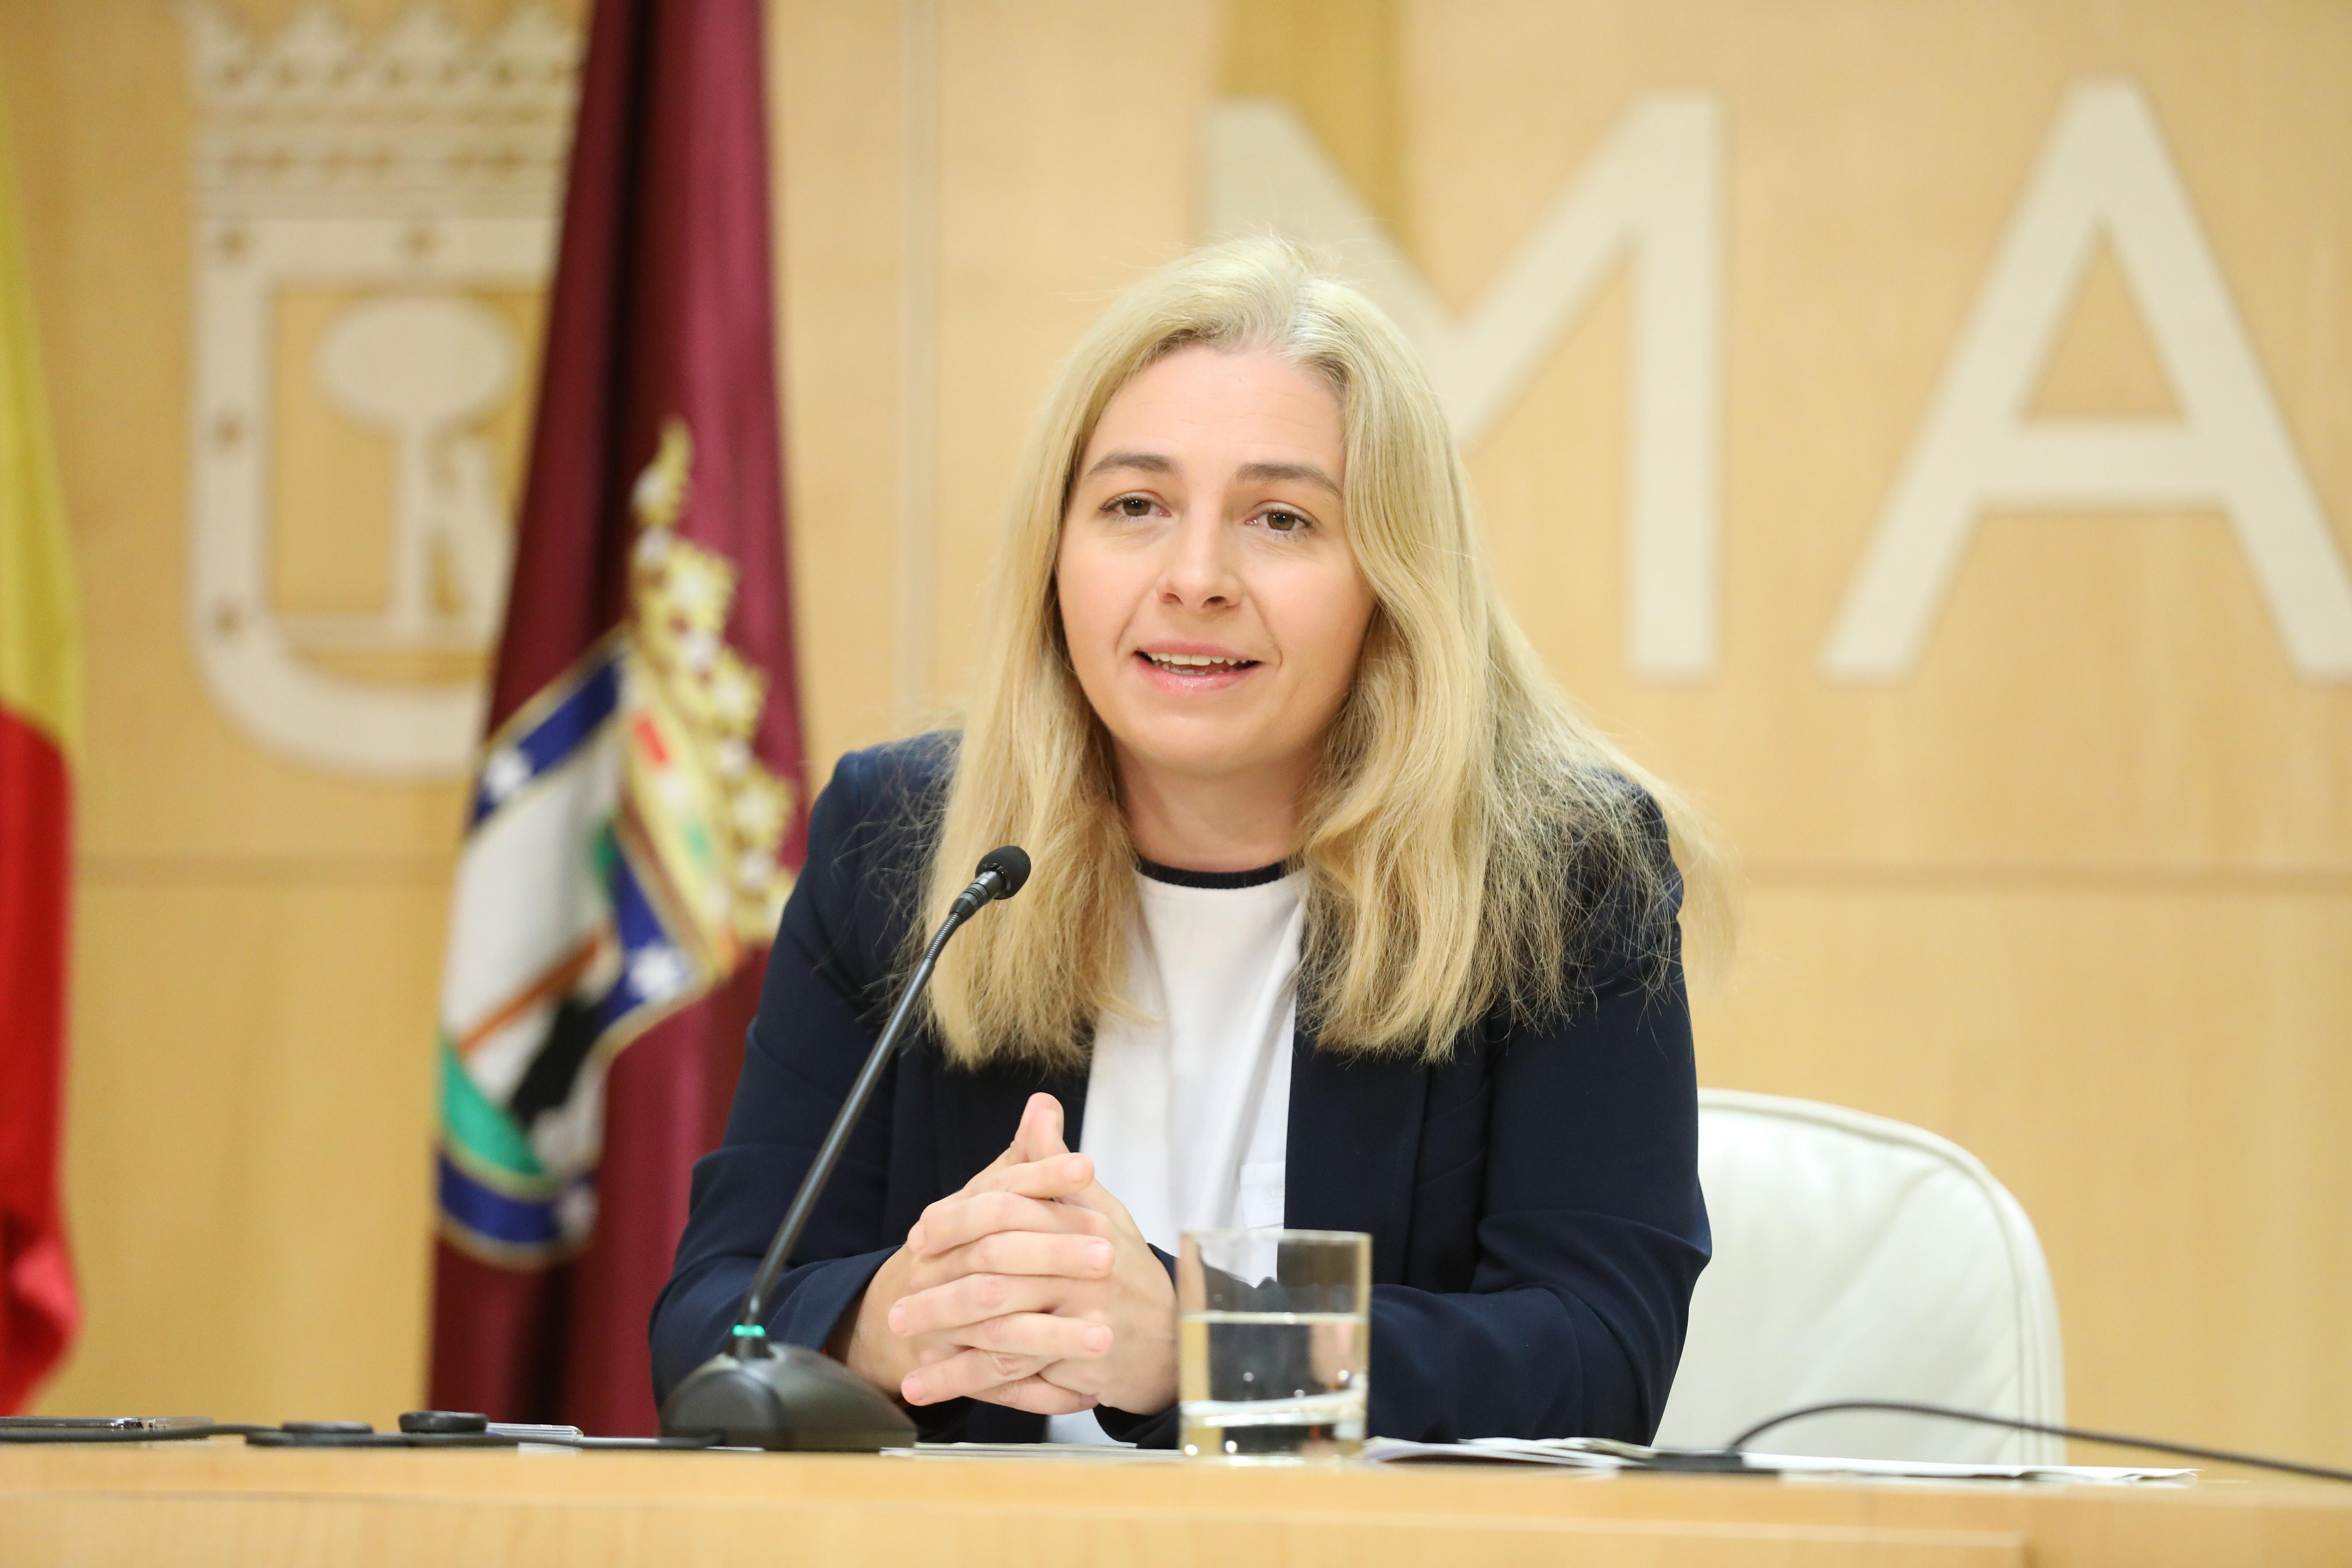 La portavoz municipal, Inmaculada Sanz, durante la rueda de prensa posterior a la Junta de Gobierno